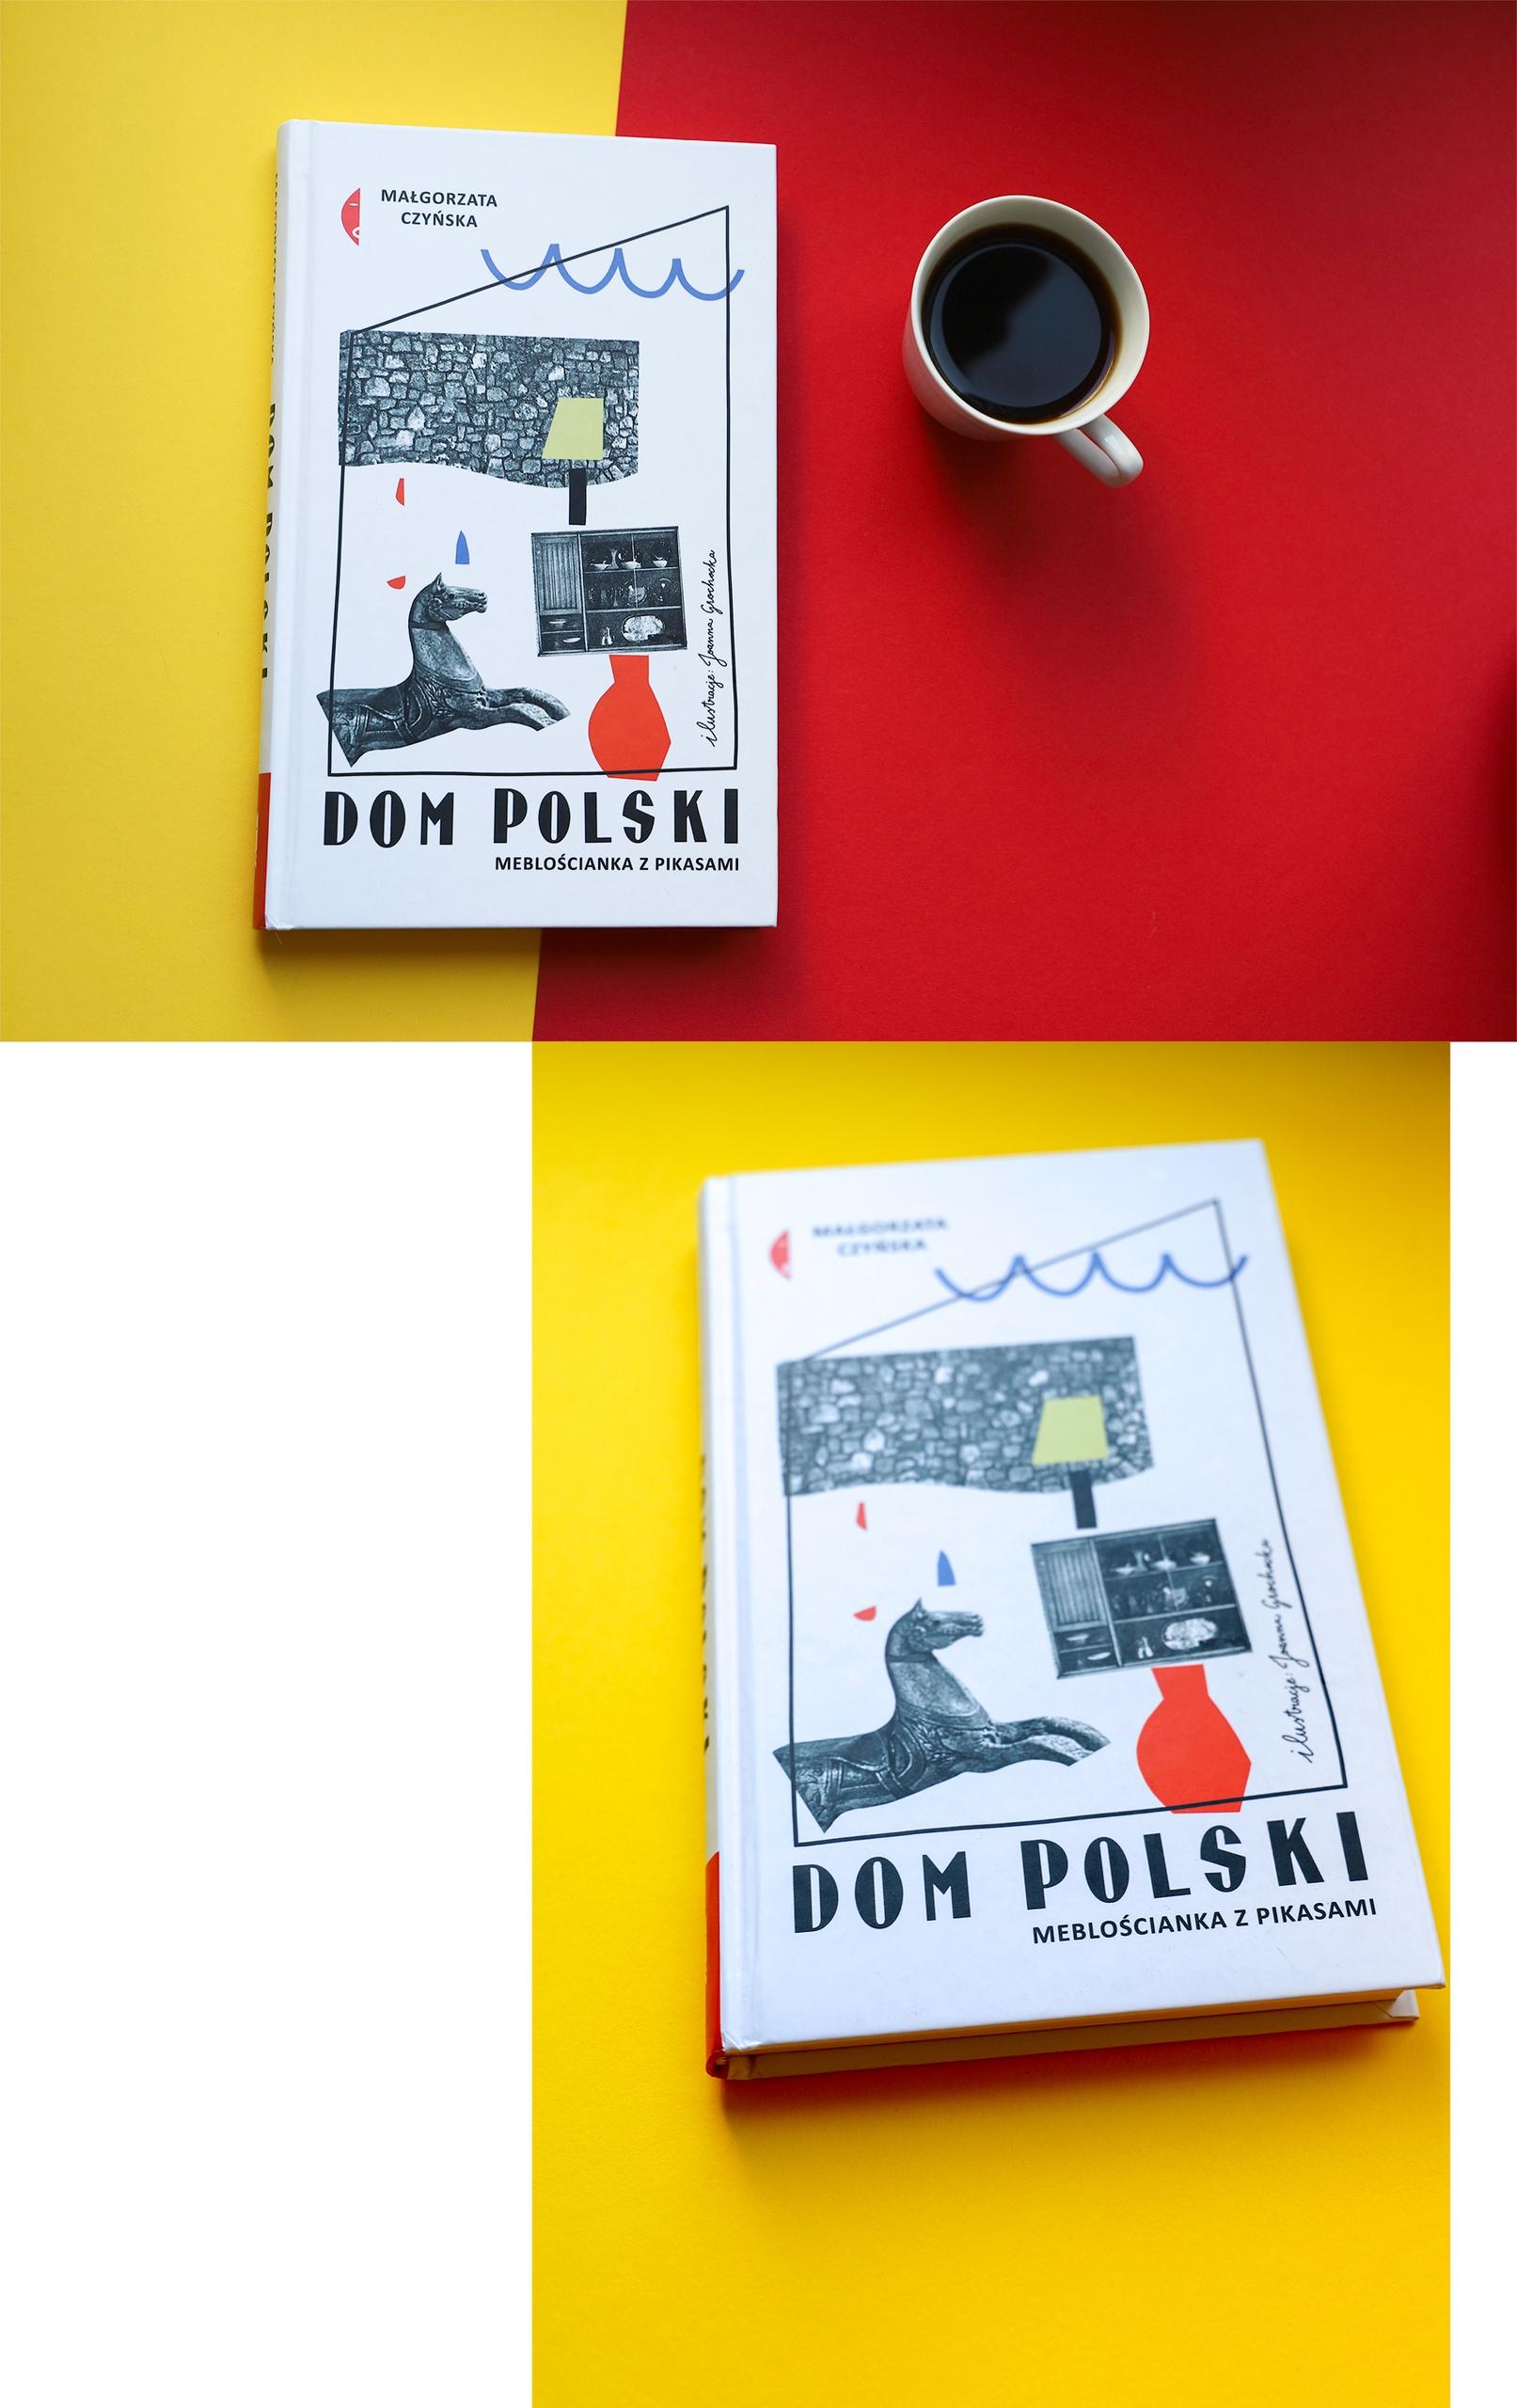 Obraz przedstawia fotografię książki na żółto-czerwonym podłożu. Obok stoi niewielka filiżanka z czarną kawą.